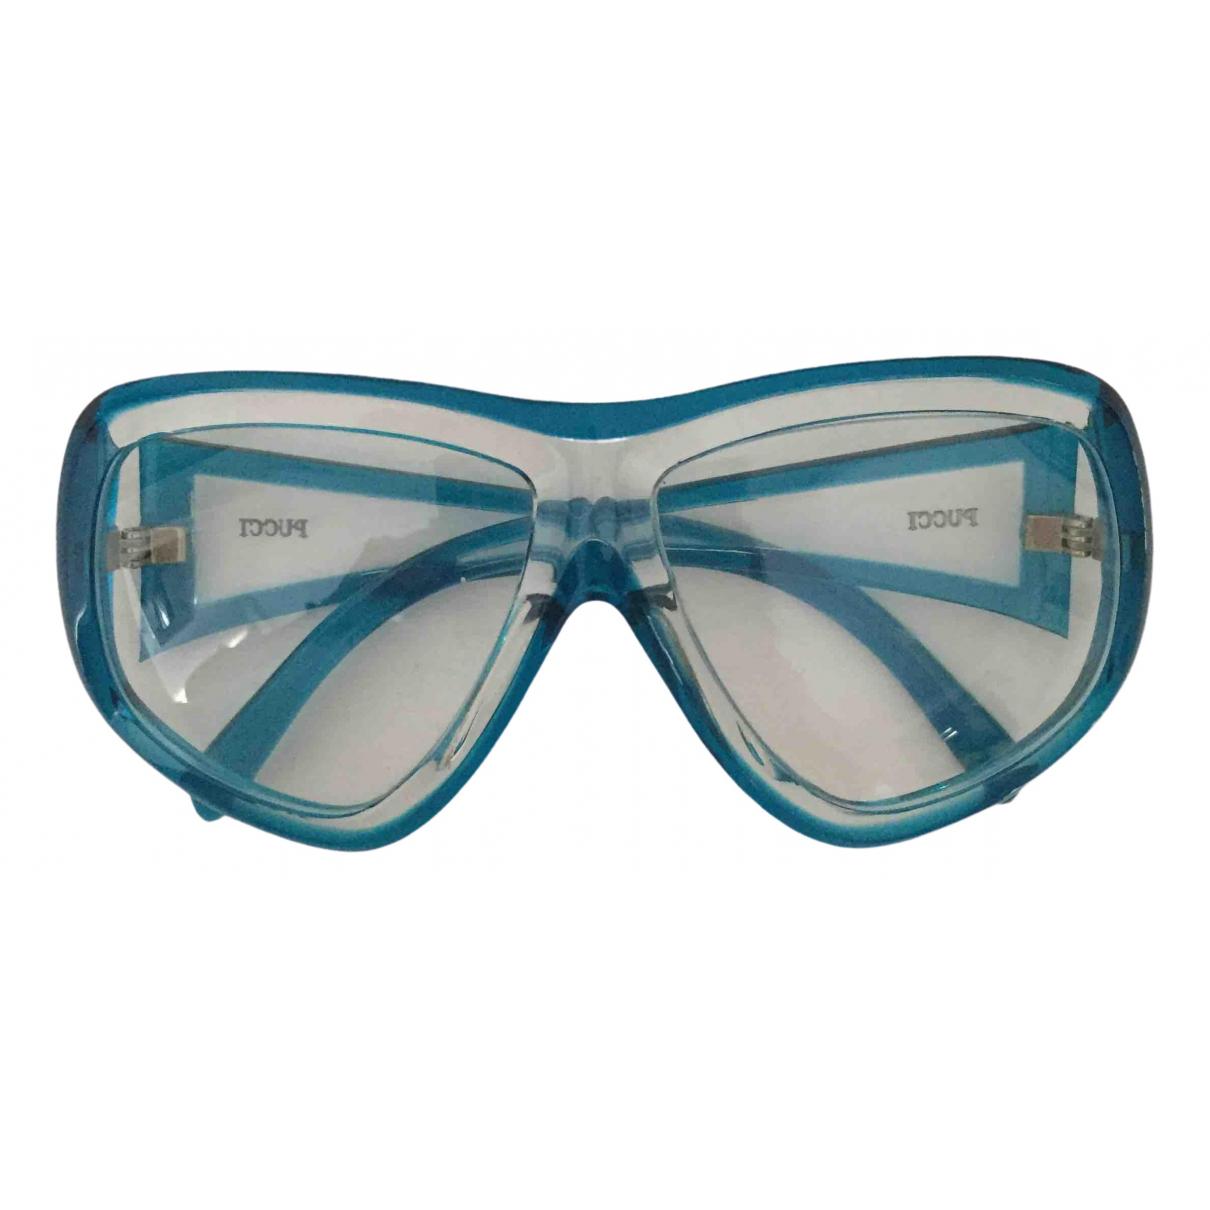 Emilio Pucci - Lunettes   pour femme - bleu